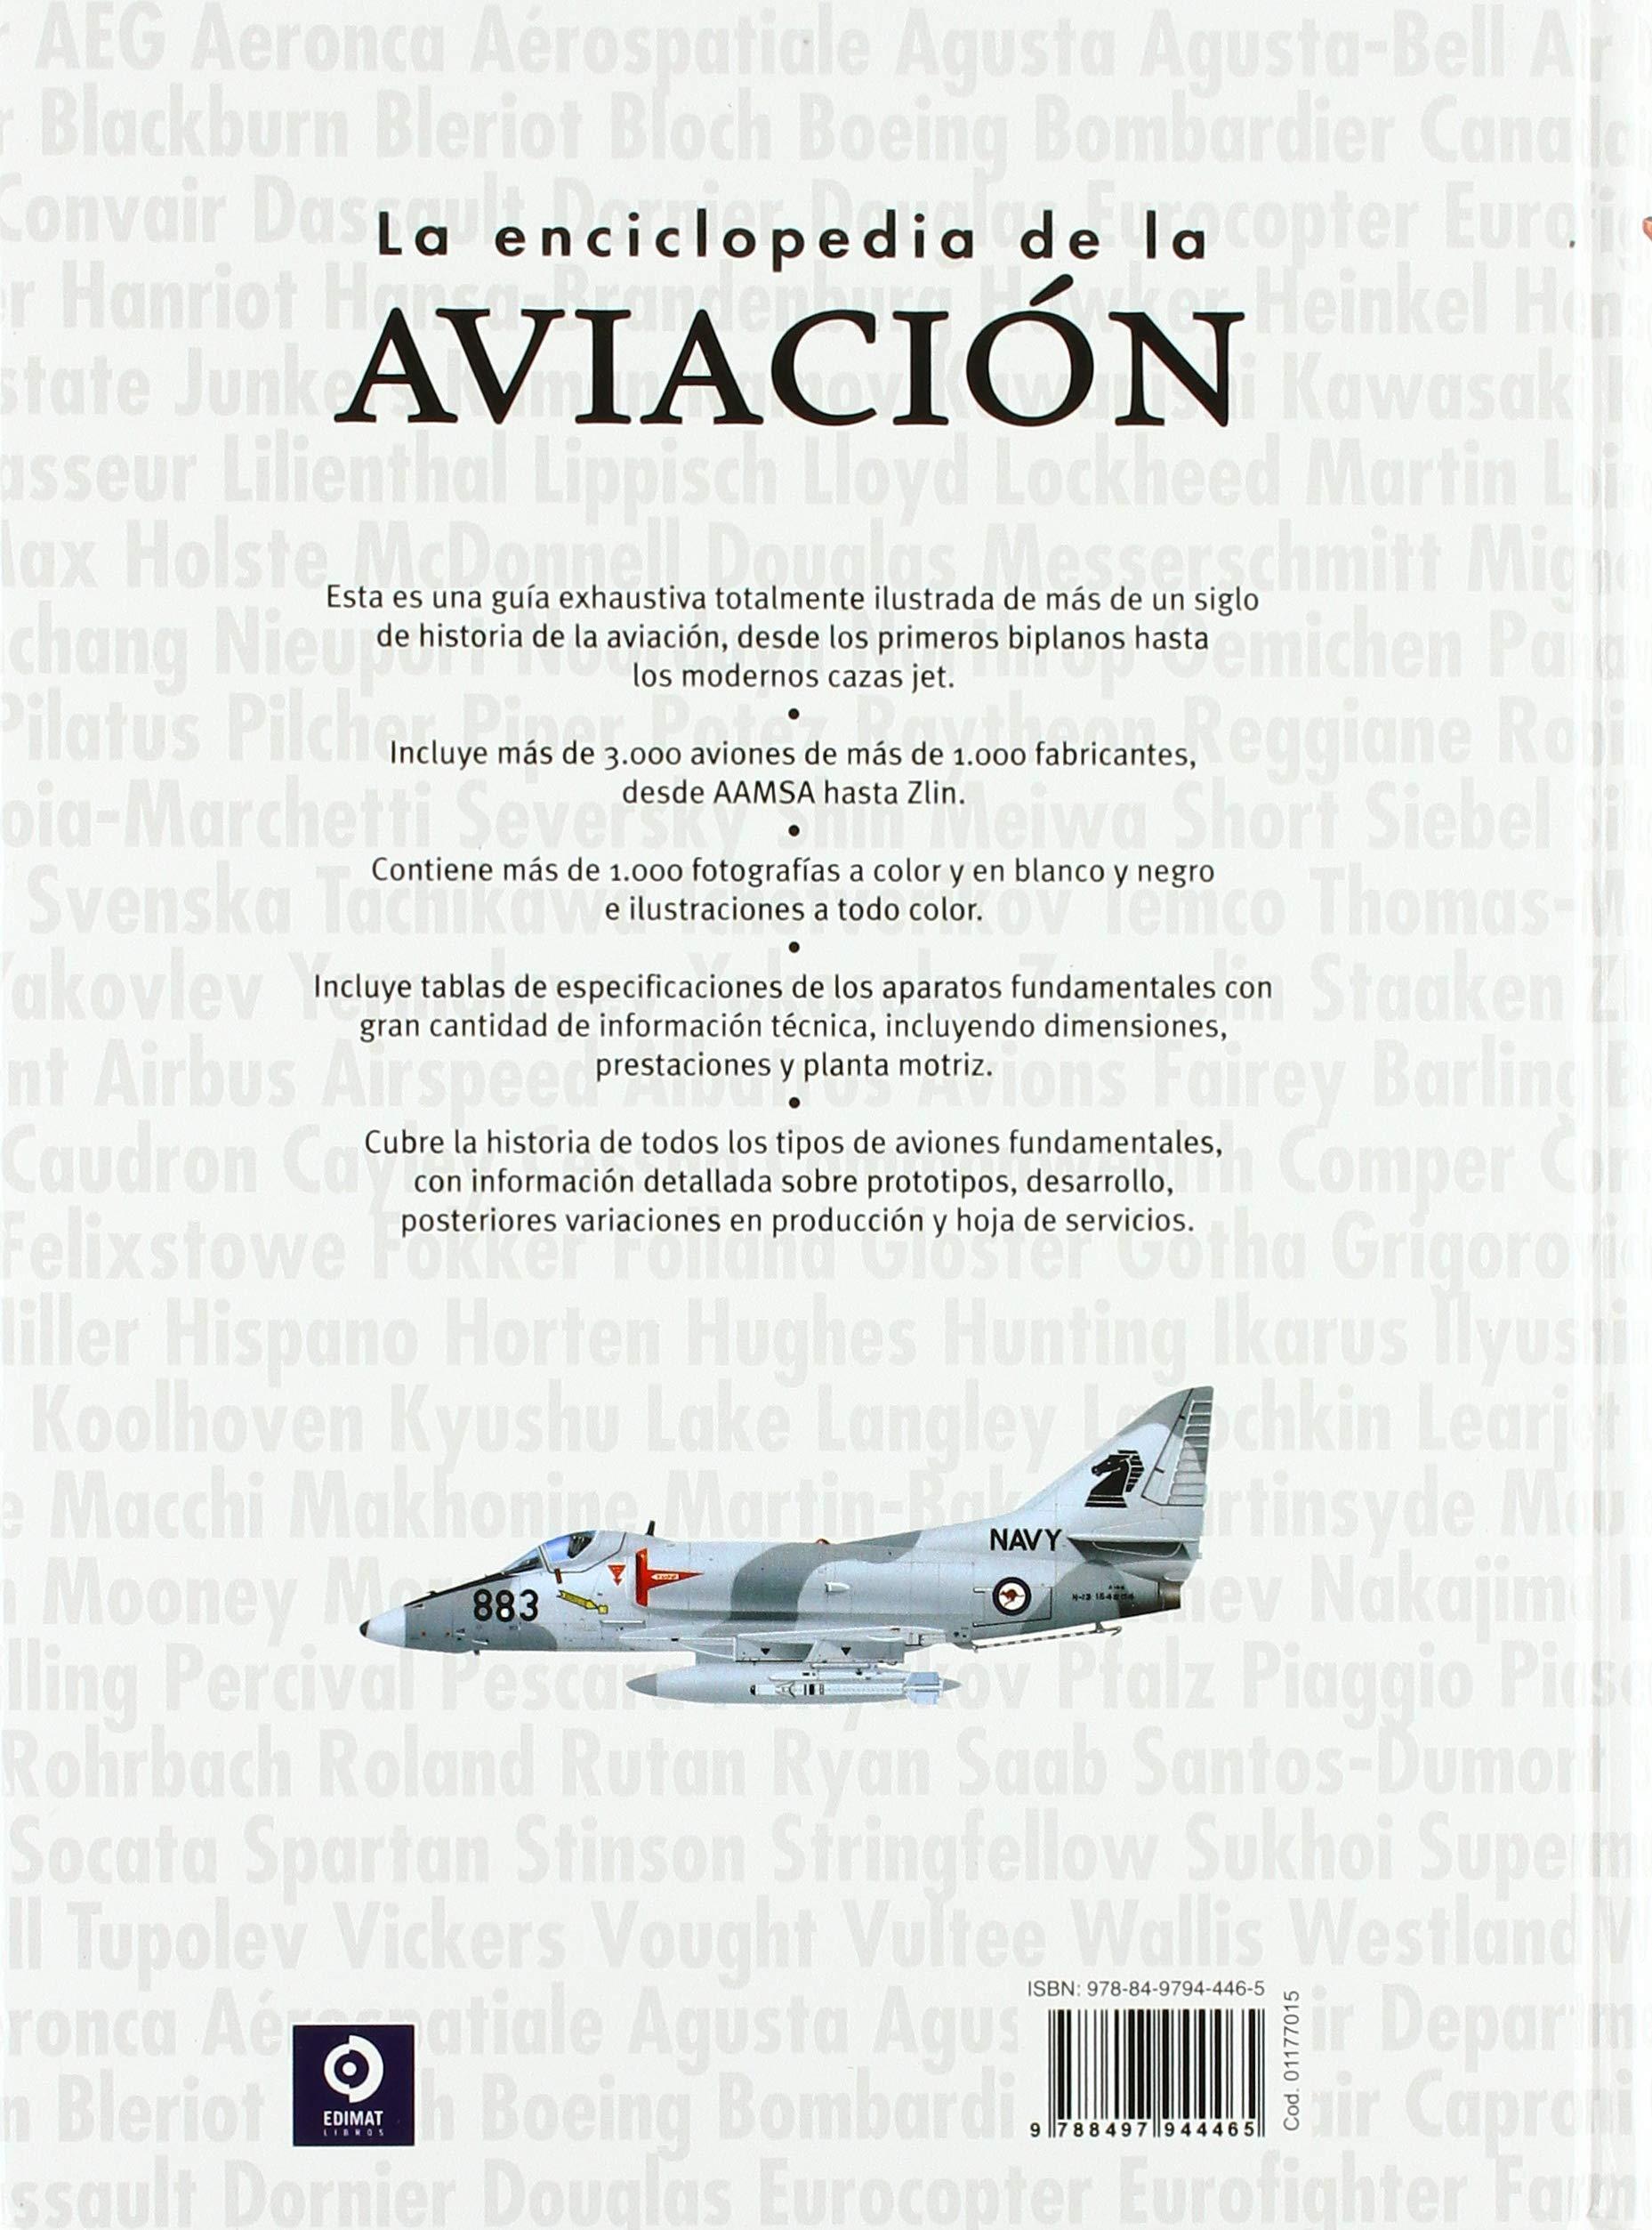 LA ENCICLOPEDIA DE LA AVIACION ENCICLOPEDIAS BÁSICAS DEL TRANSPORTE: Amazon.es: ROBERT JACKSON, MARTIN W. BOWMAN, EWAN PARTRIDGE, SEVEN SERVICIOS EDITORIALES: Libros